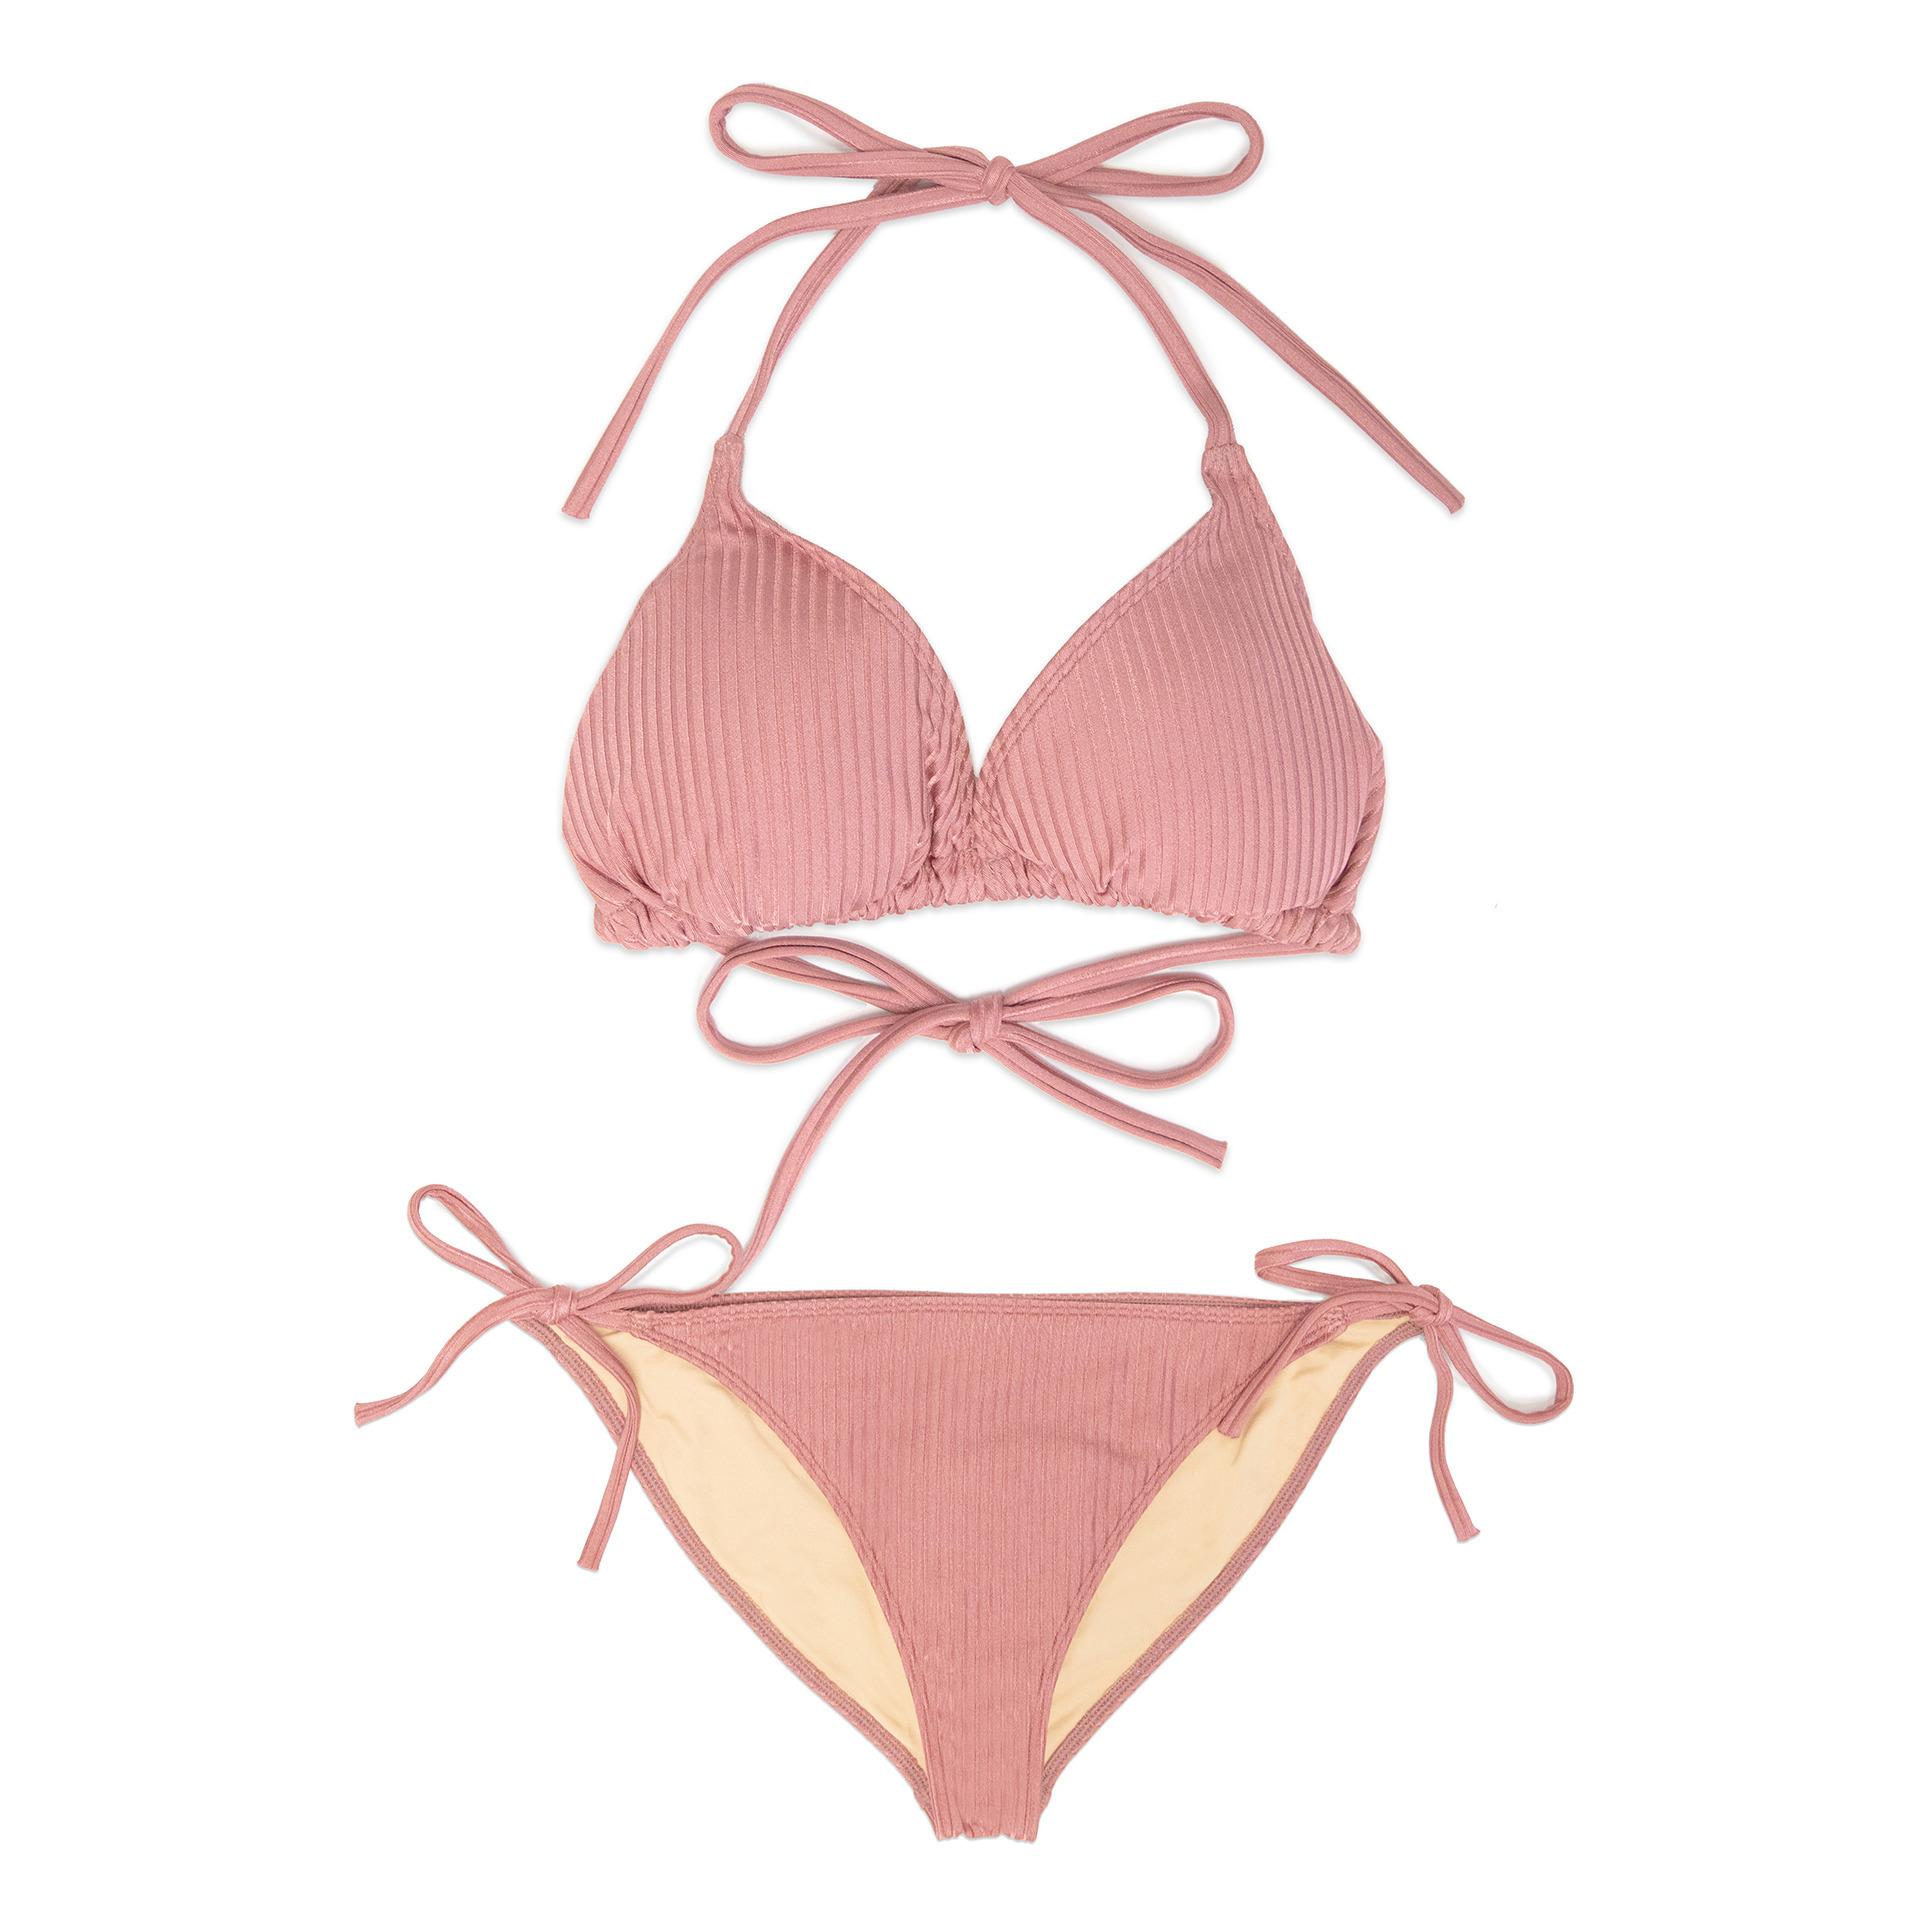 Image of Bikini